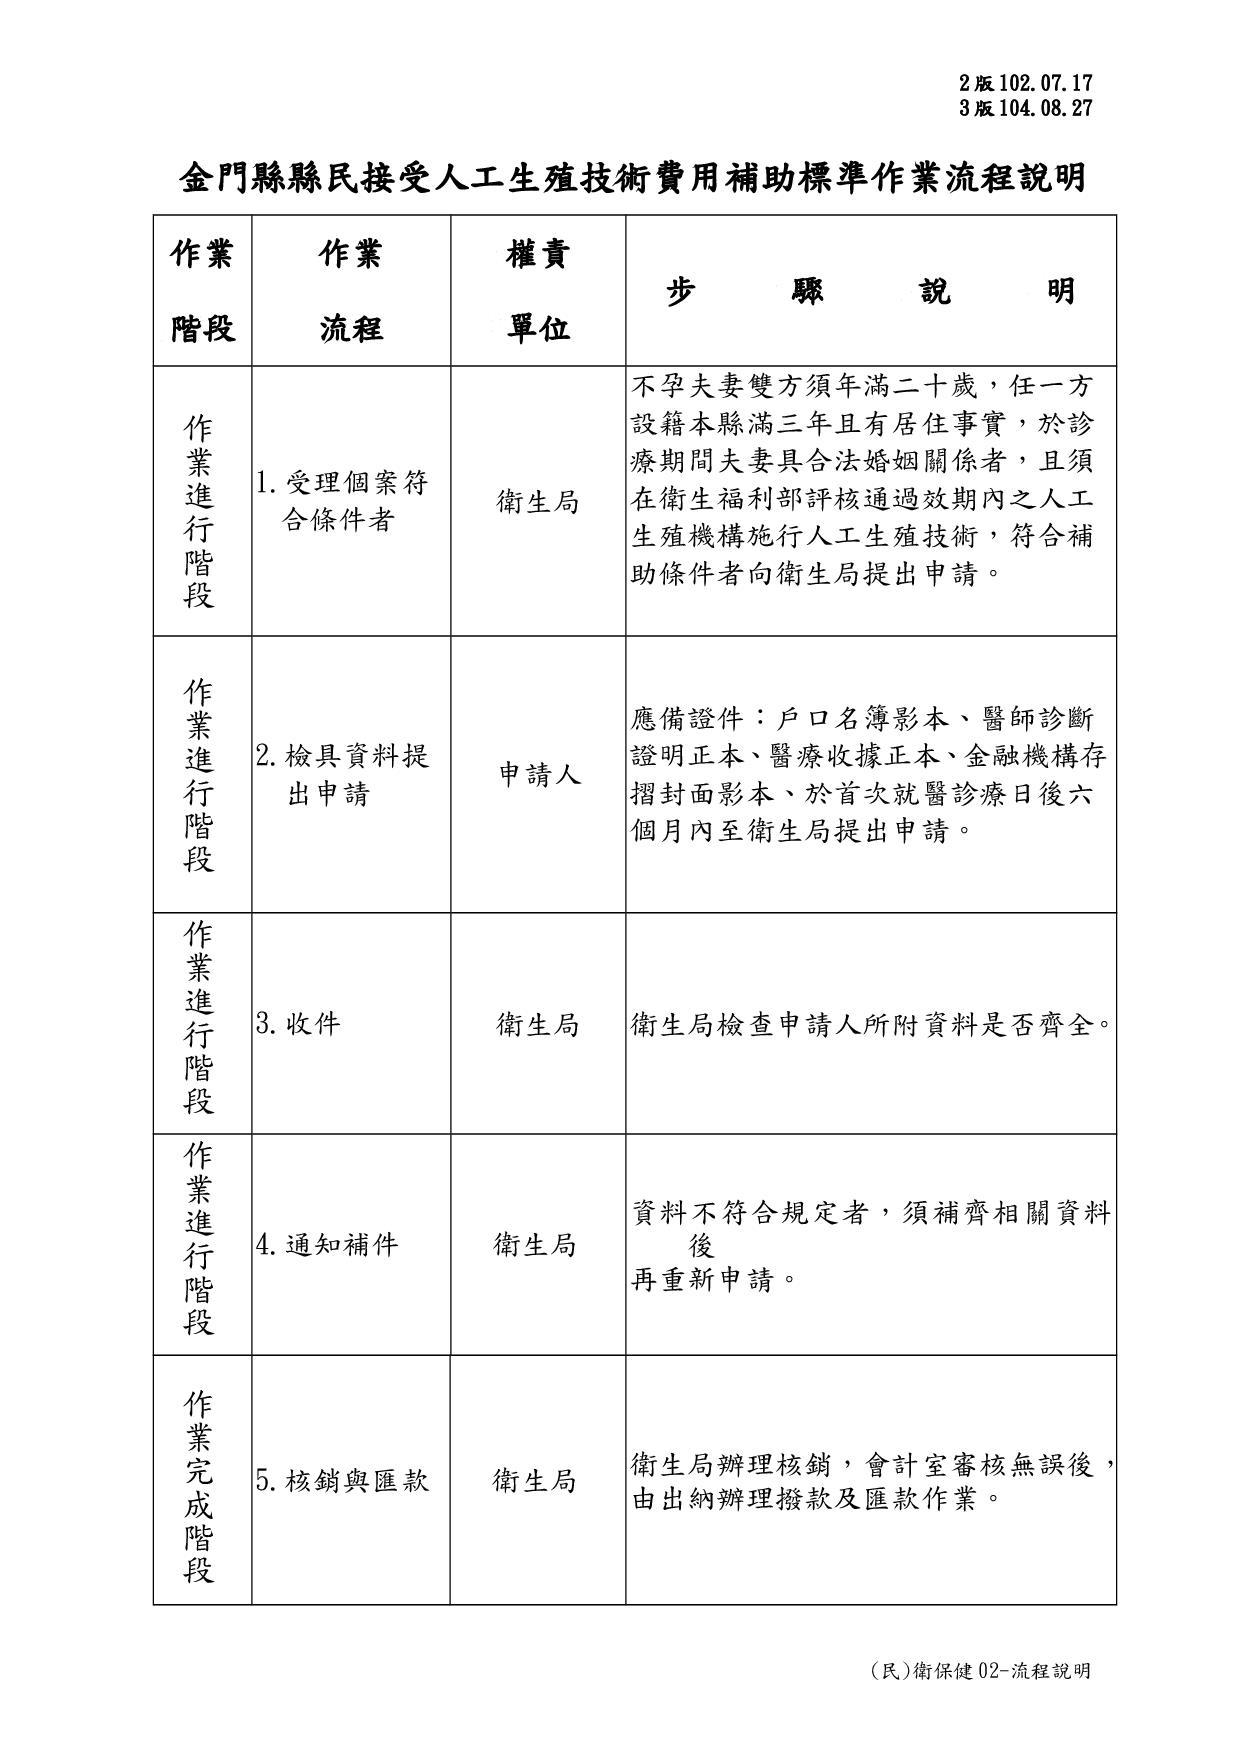 (民)衛保健02-流程說明